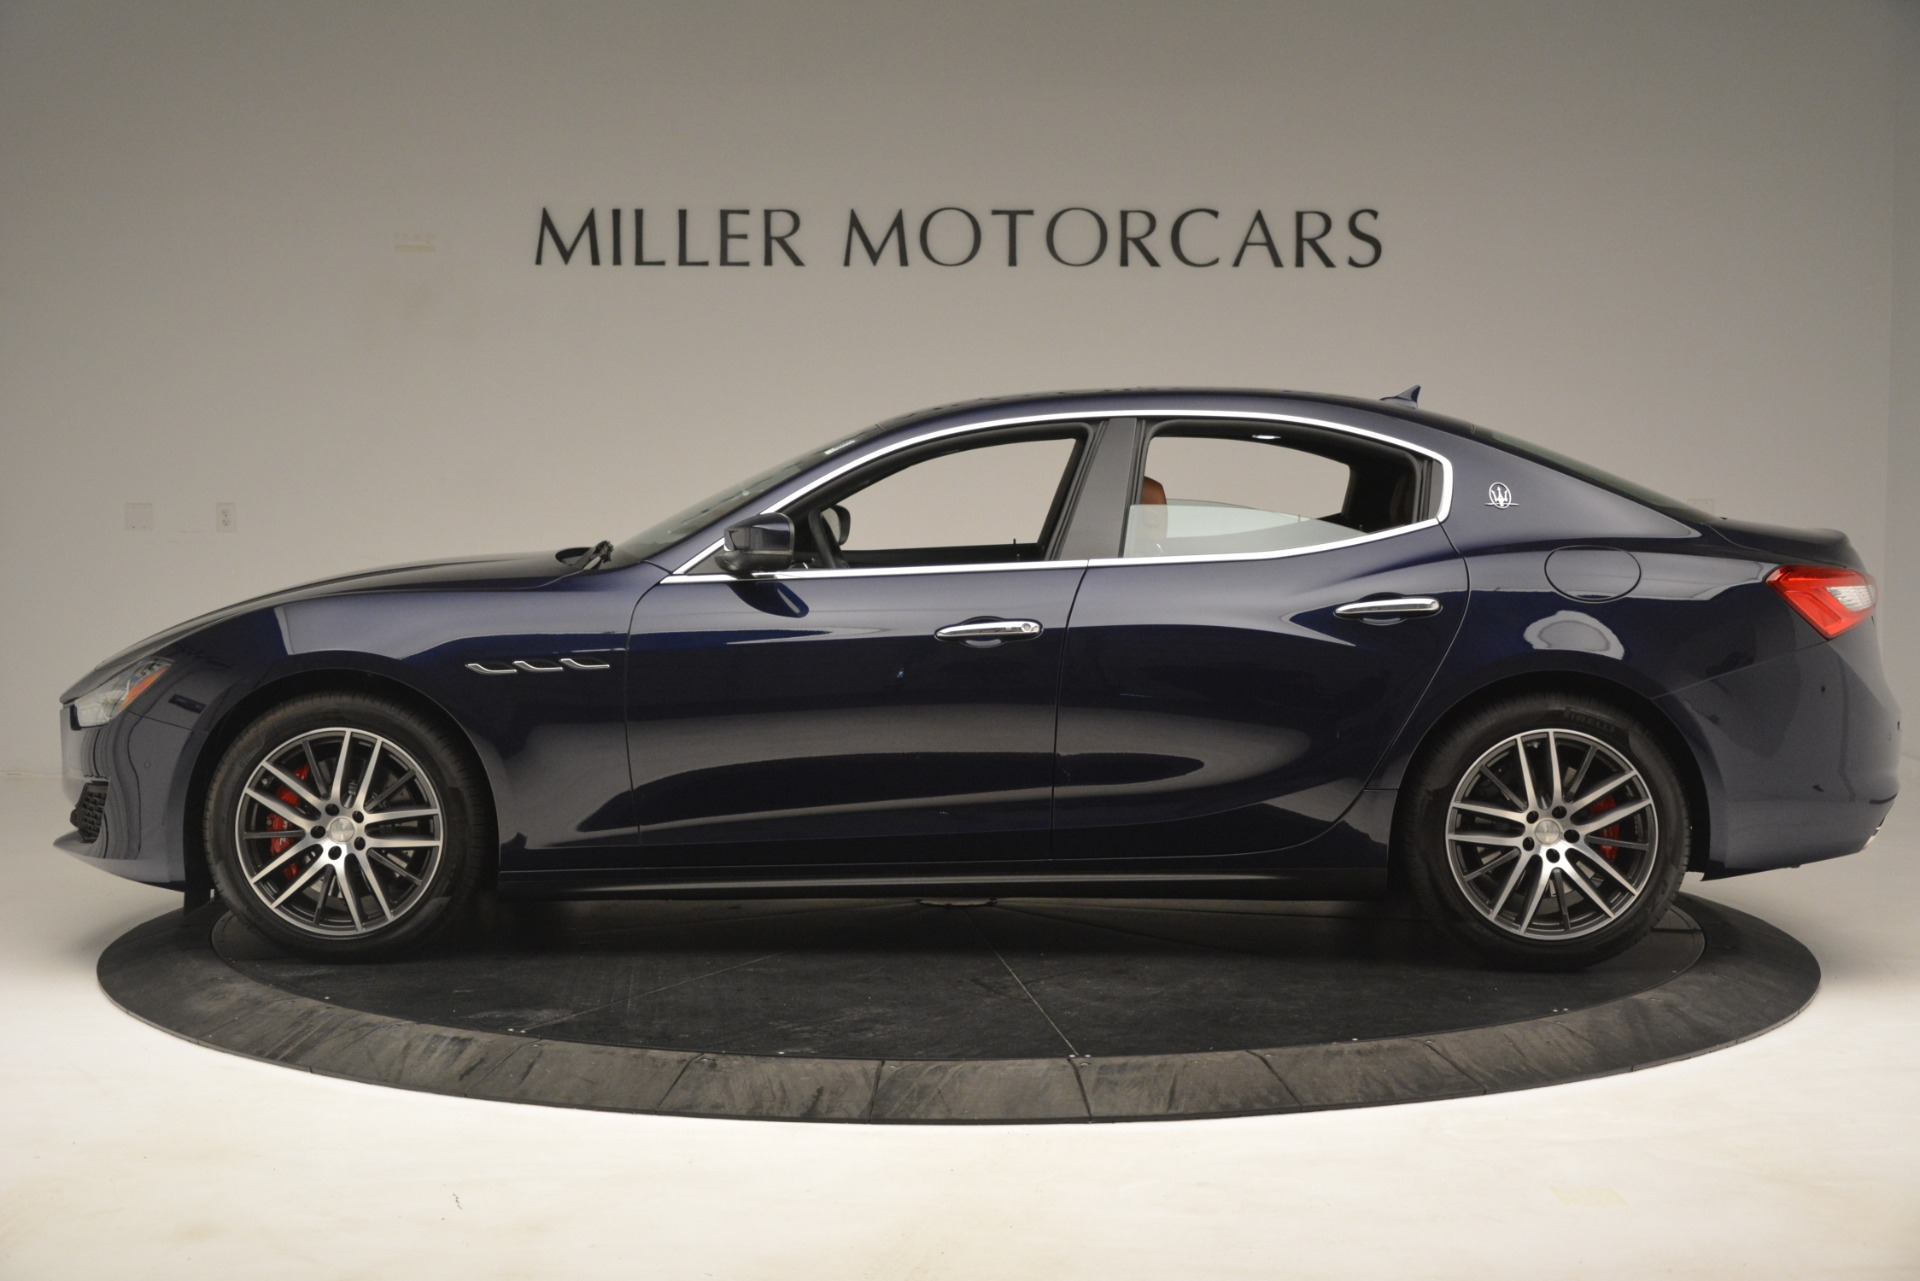 New 2019 Maserati Ghibli S Q4 For Sale In Greenwich, CT. Alfa Romeo of Greenwich, M2290 3106_p3